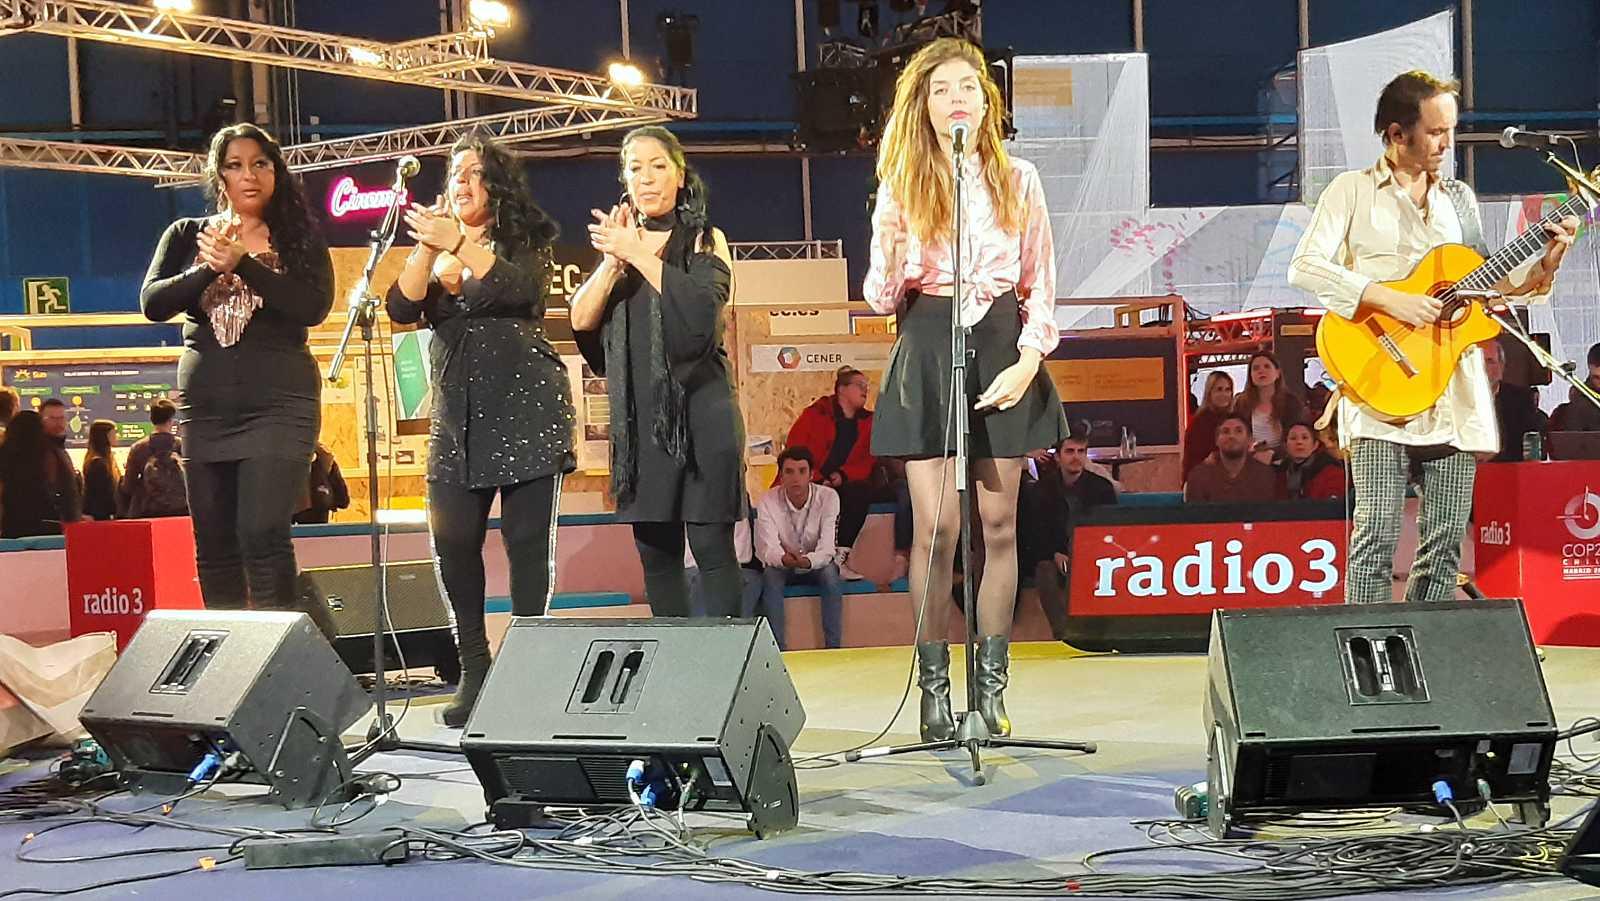 Radio 3 suena por el planeta - VÍDEO: Macaco - 5/12/19